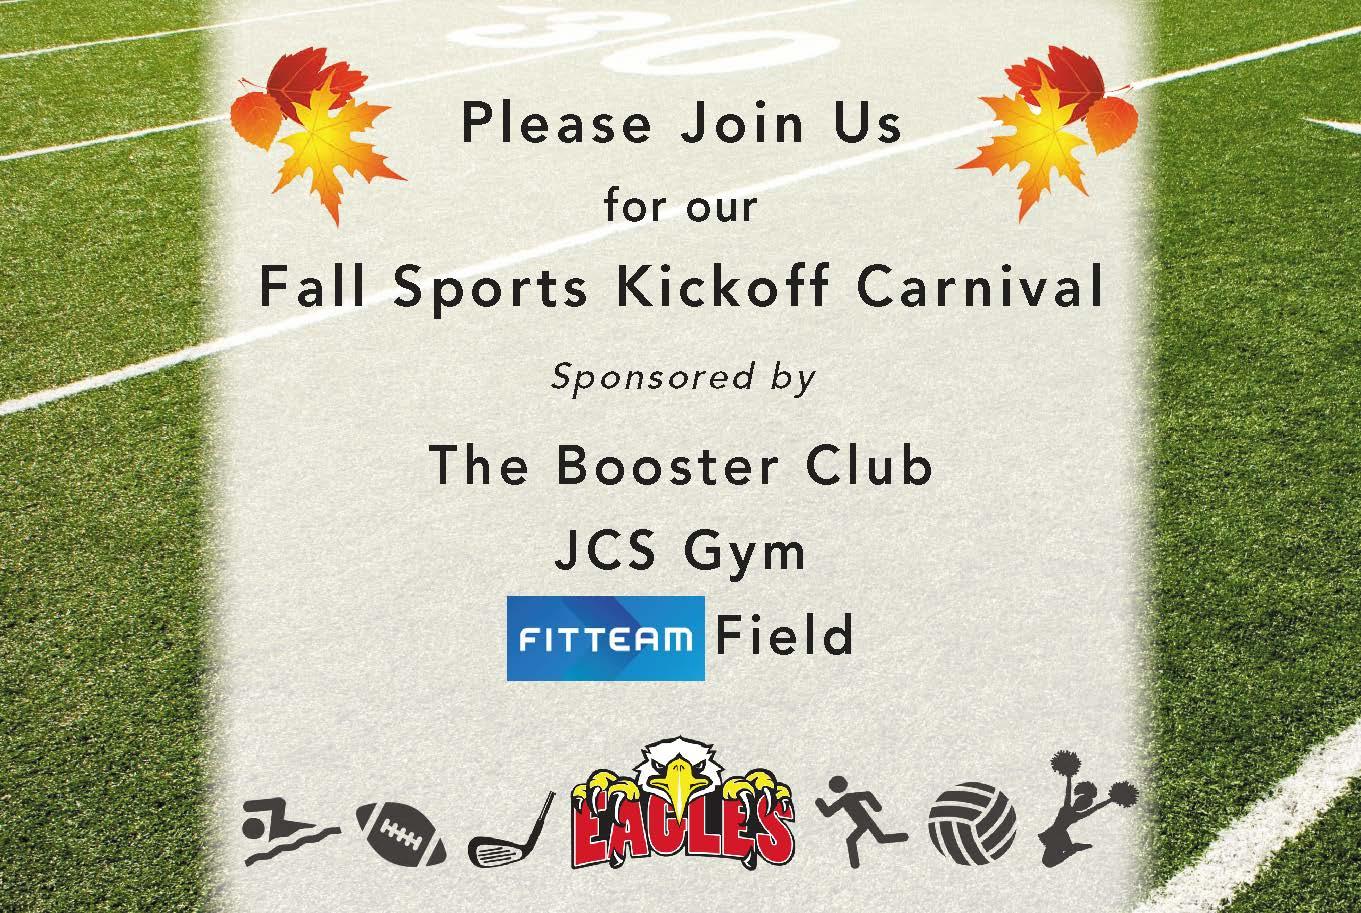 Fall Sports Kickoff Carnival